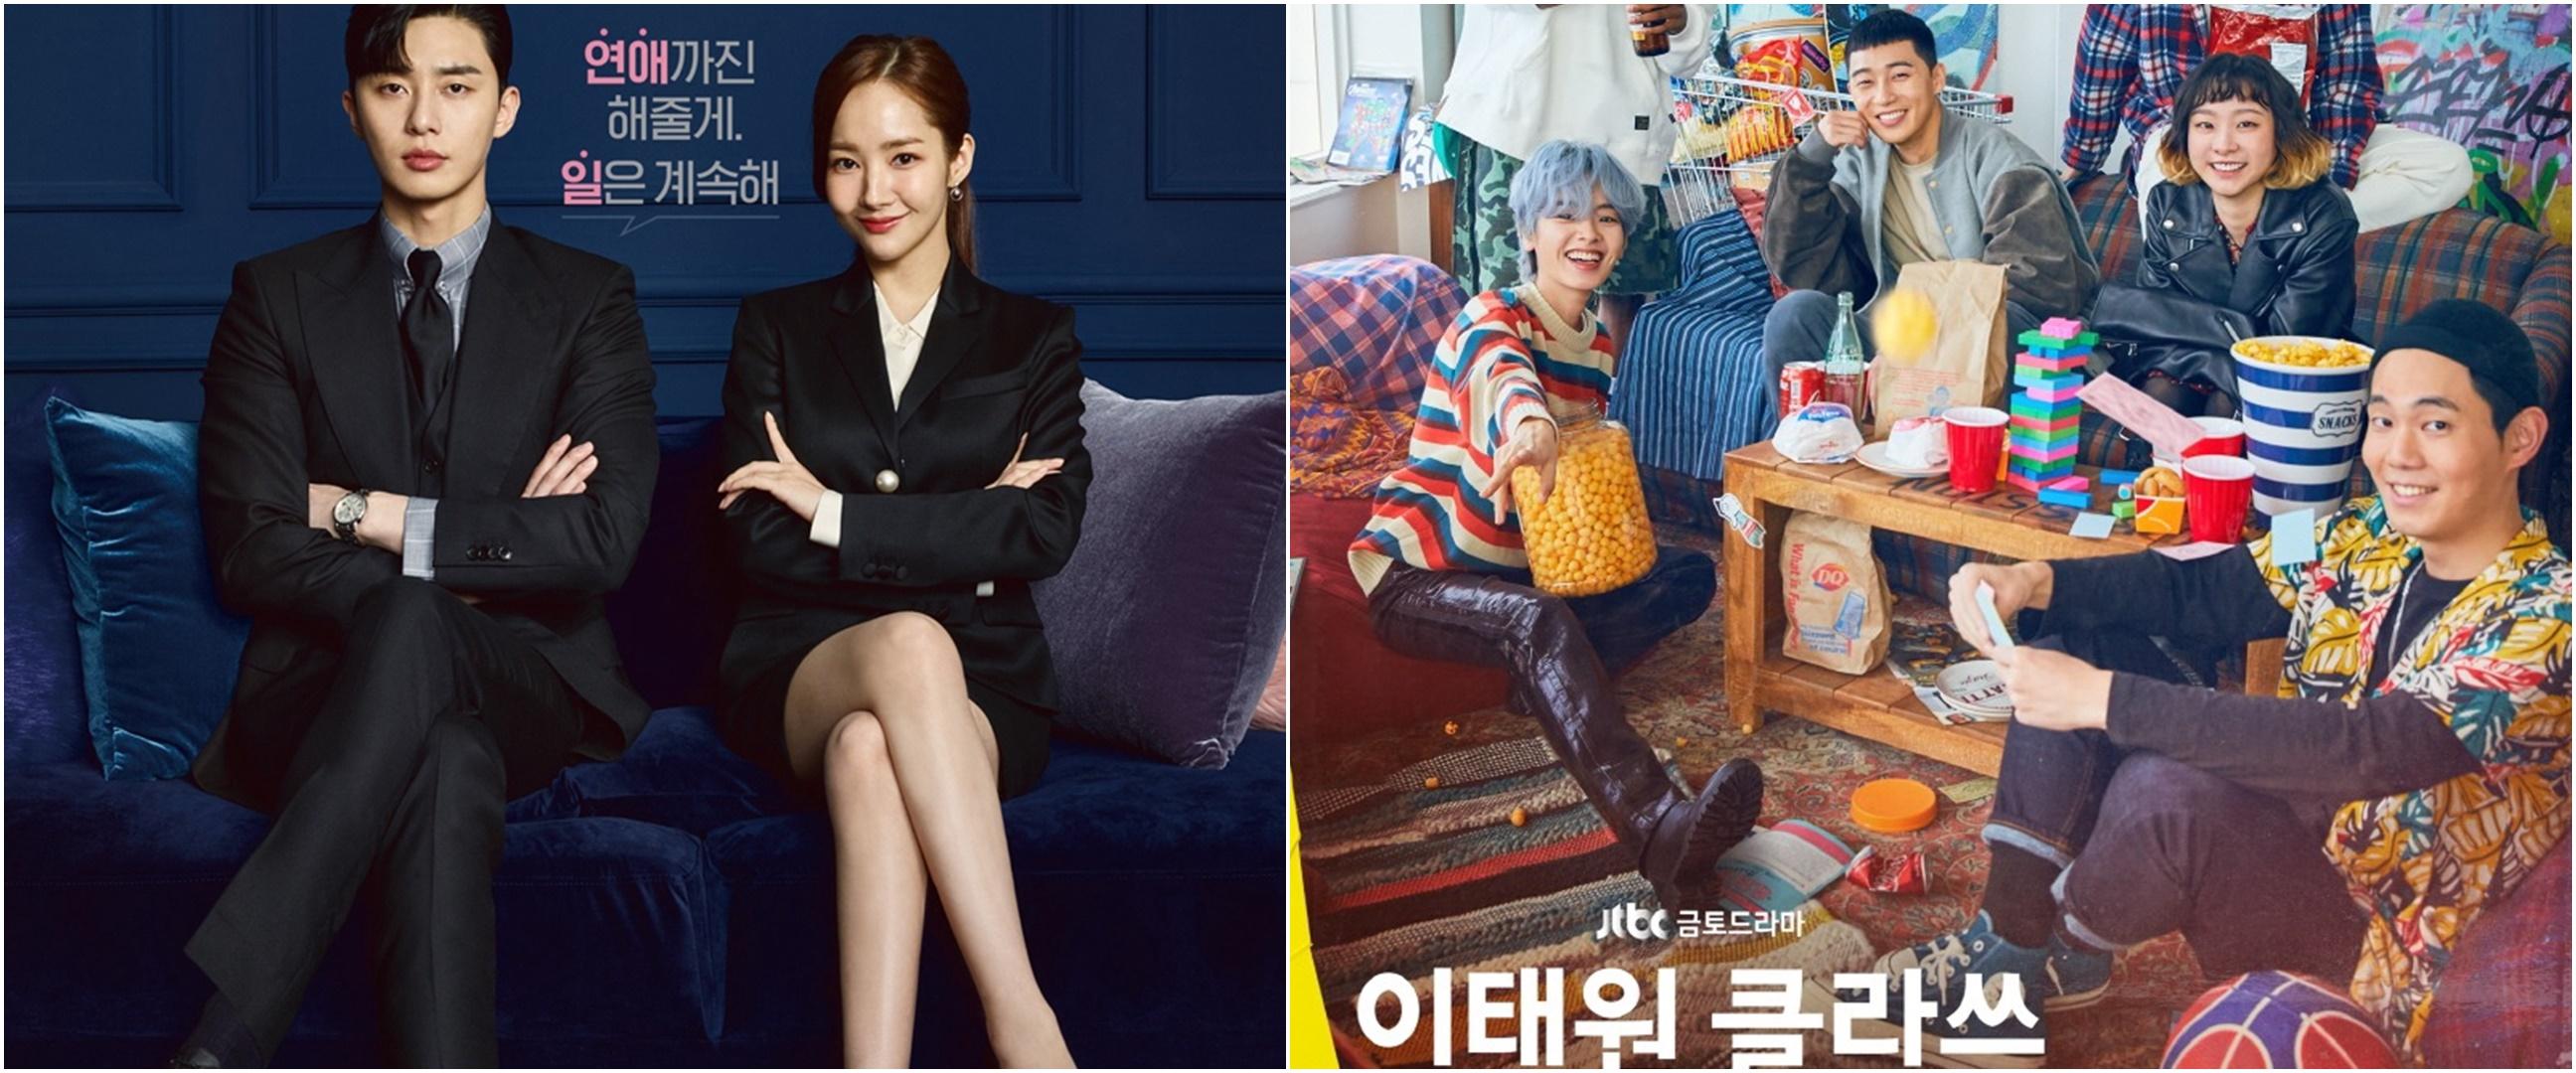 7 Drama Korea dibintangi Park Seo-joon, terbaru Itaewon Class